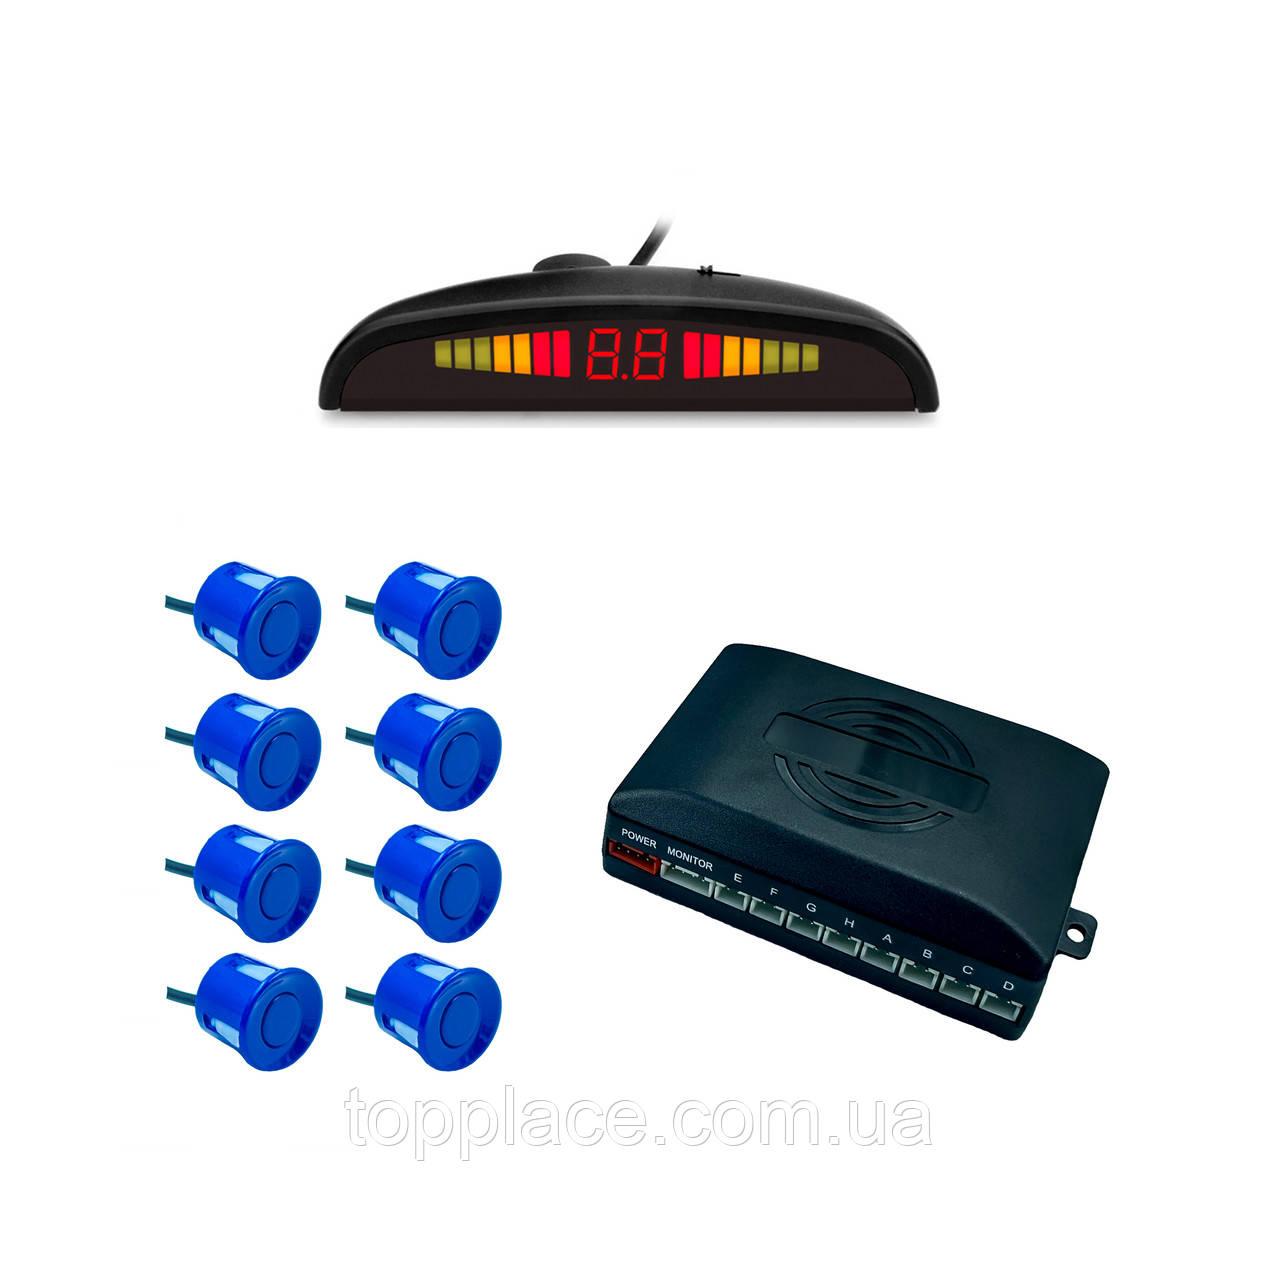 Парковочная система RangePolar SW-888-8 на 8 датчиков, Dark-Blue (AS101005353)